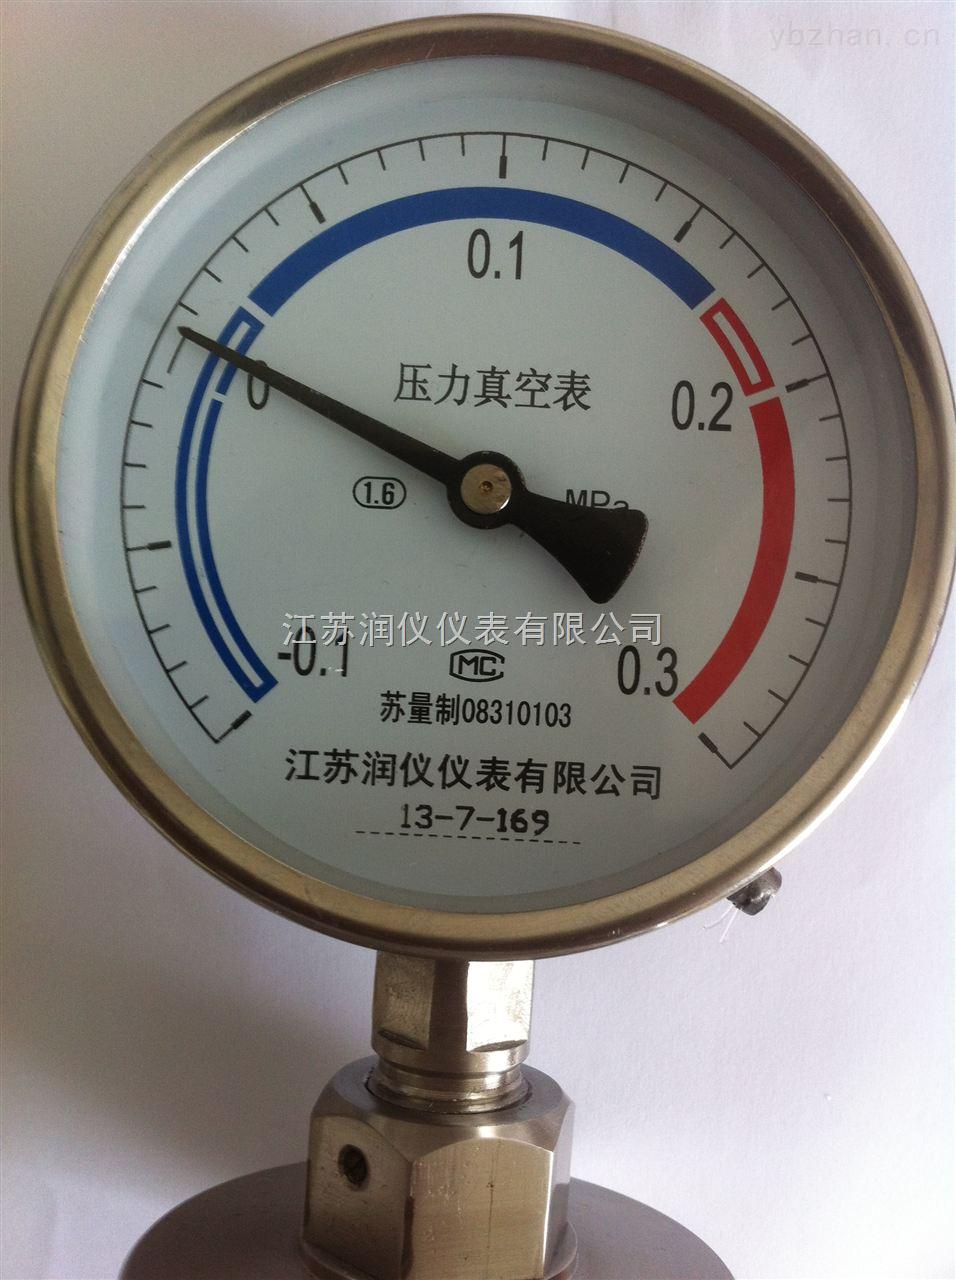 隔膜真空壓力表  -0.1-0.3MPa隔膜真空表